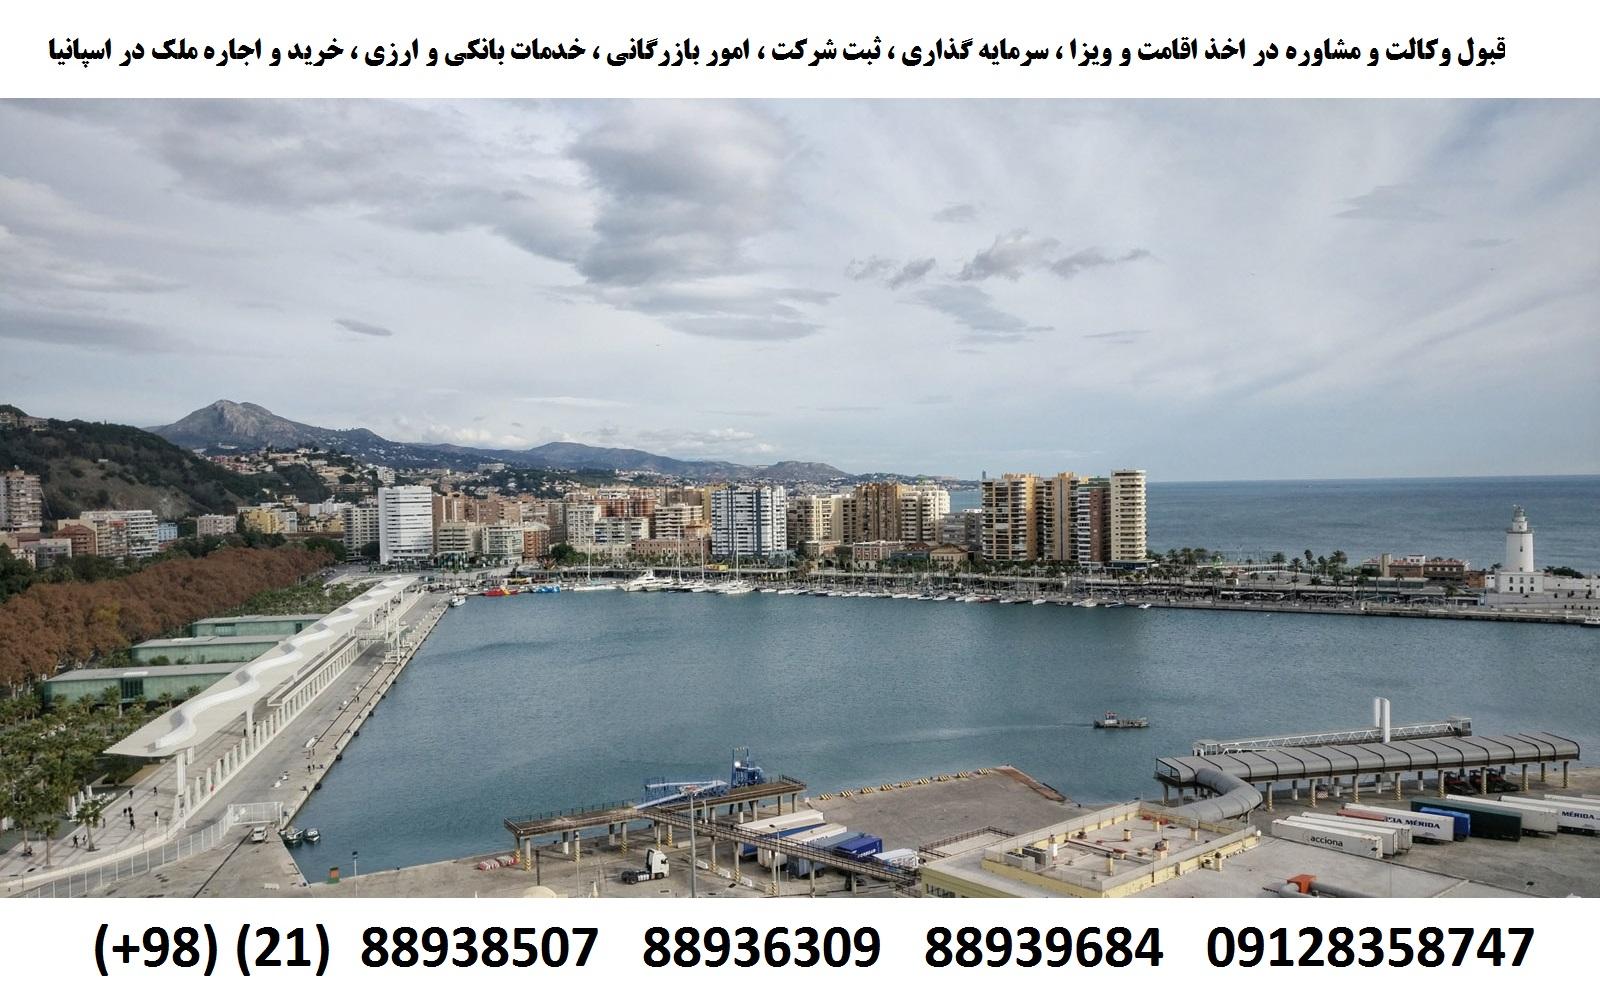 Visions-of-Malaga-Spain-6-1